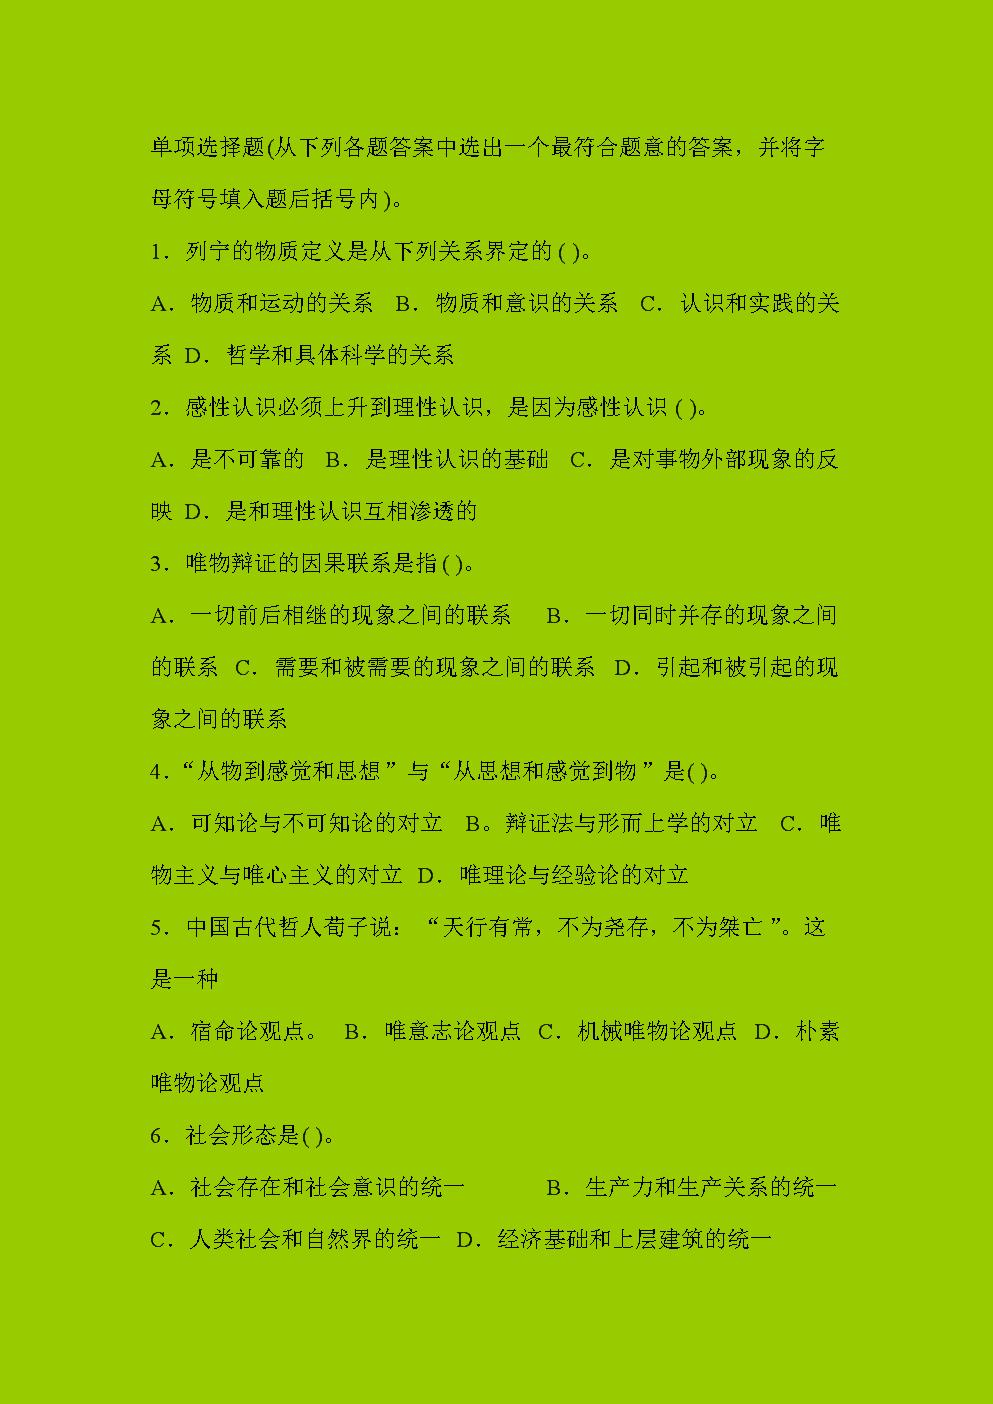 安徽省事业单位招聘综合知识试题(上).doc